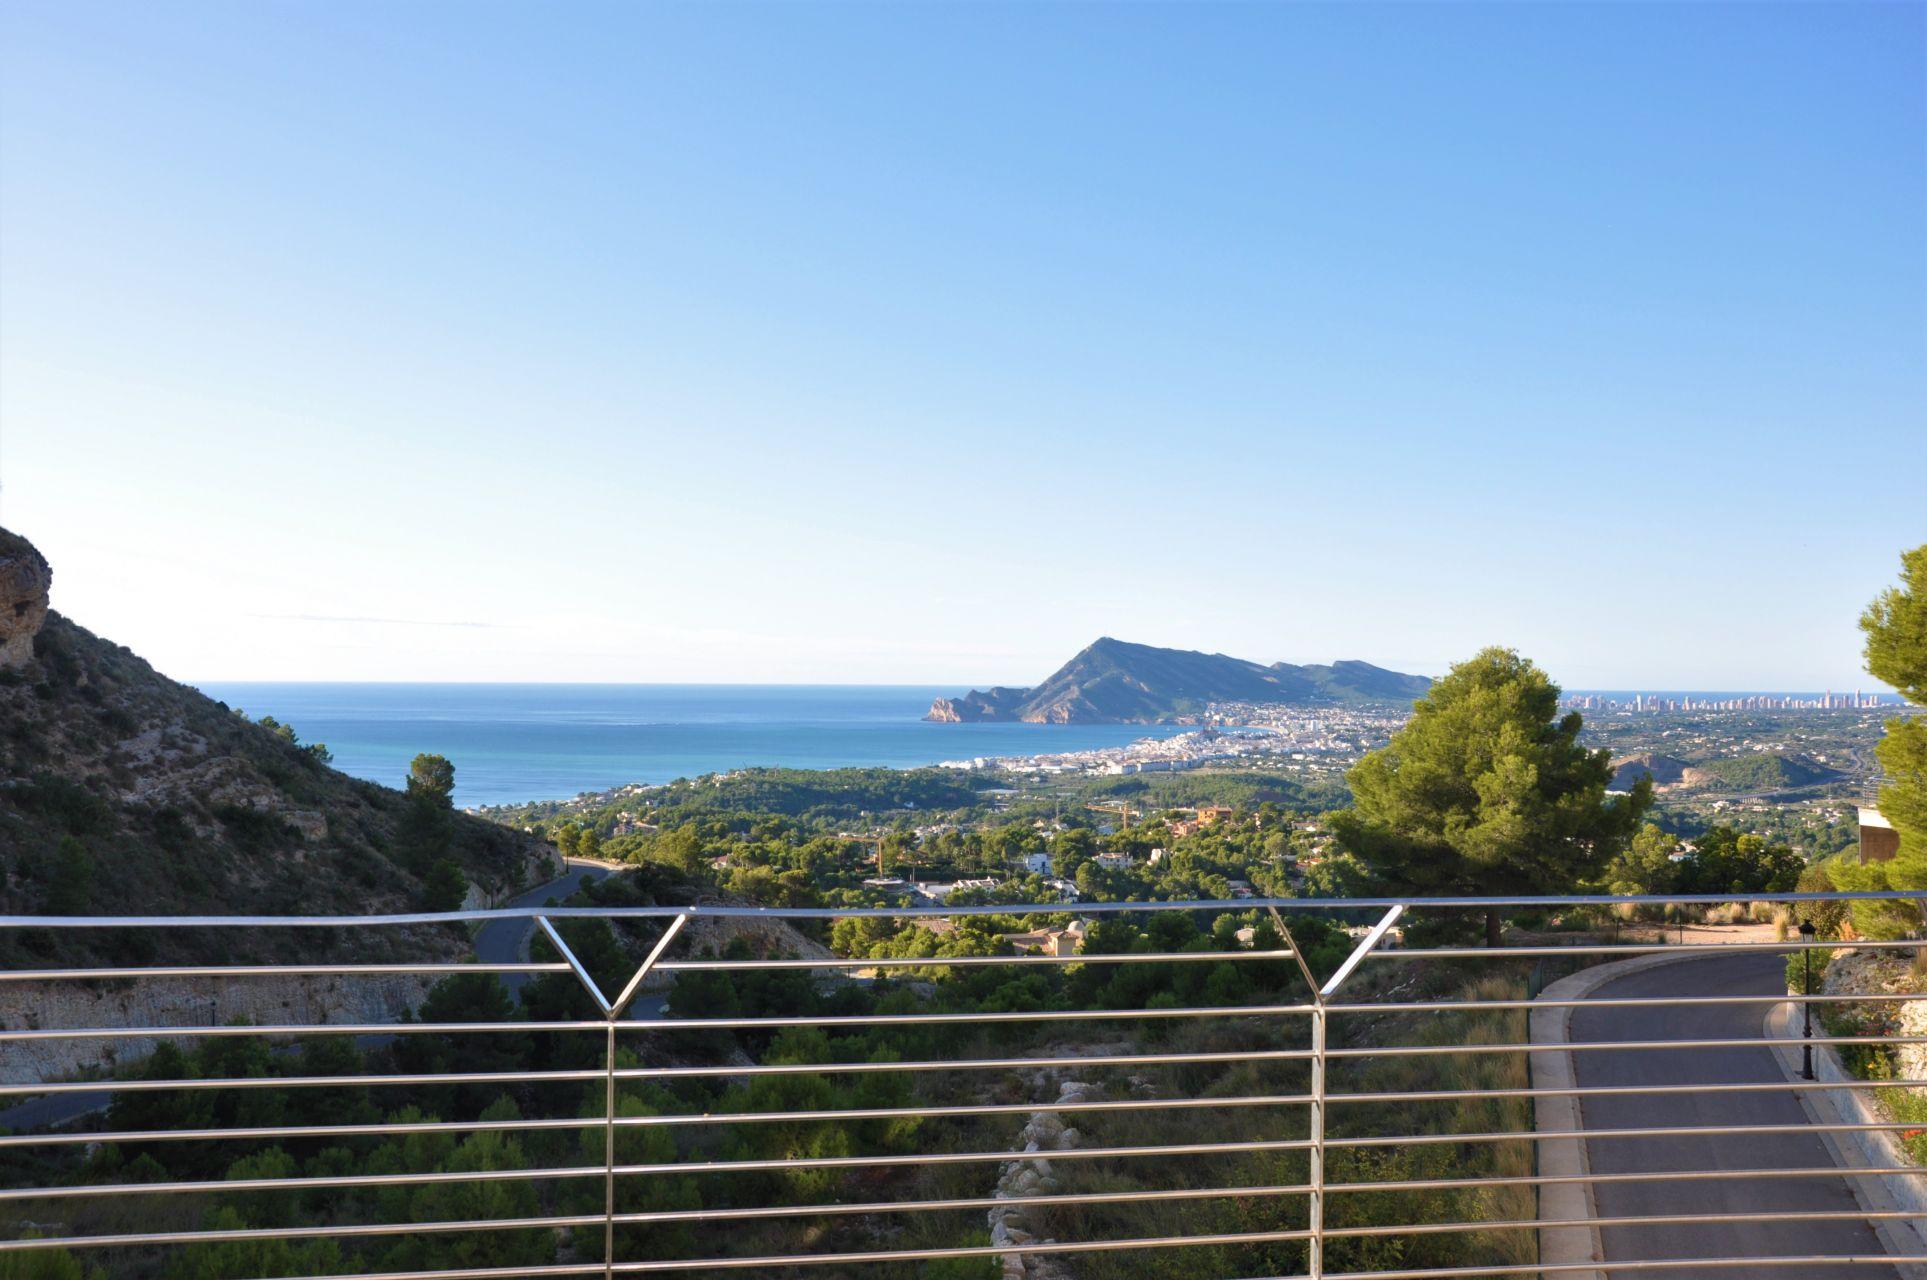 Villas with incredible views to the Mediterranean Sea in Altea 11